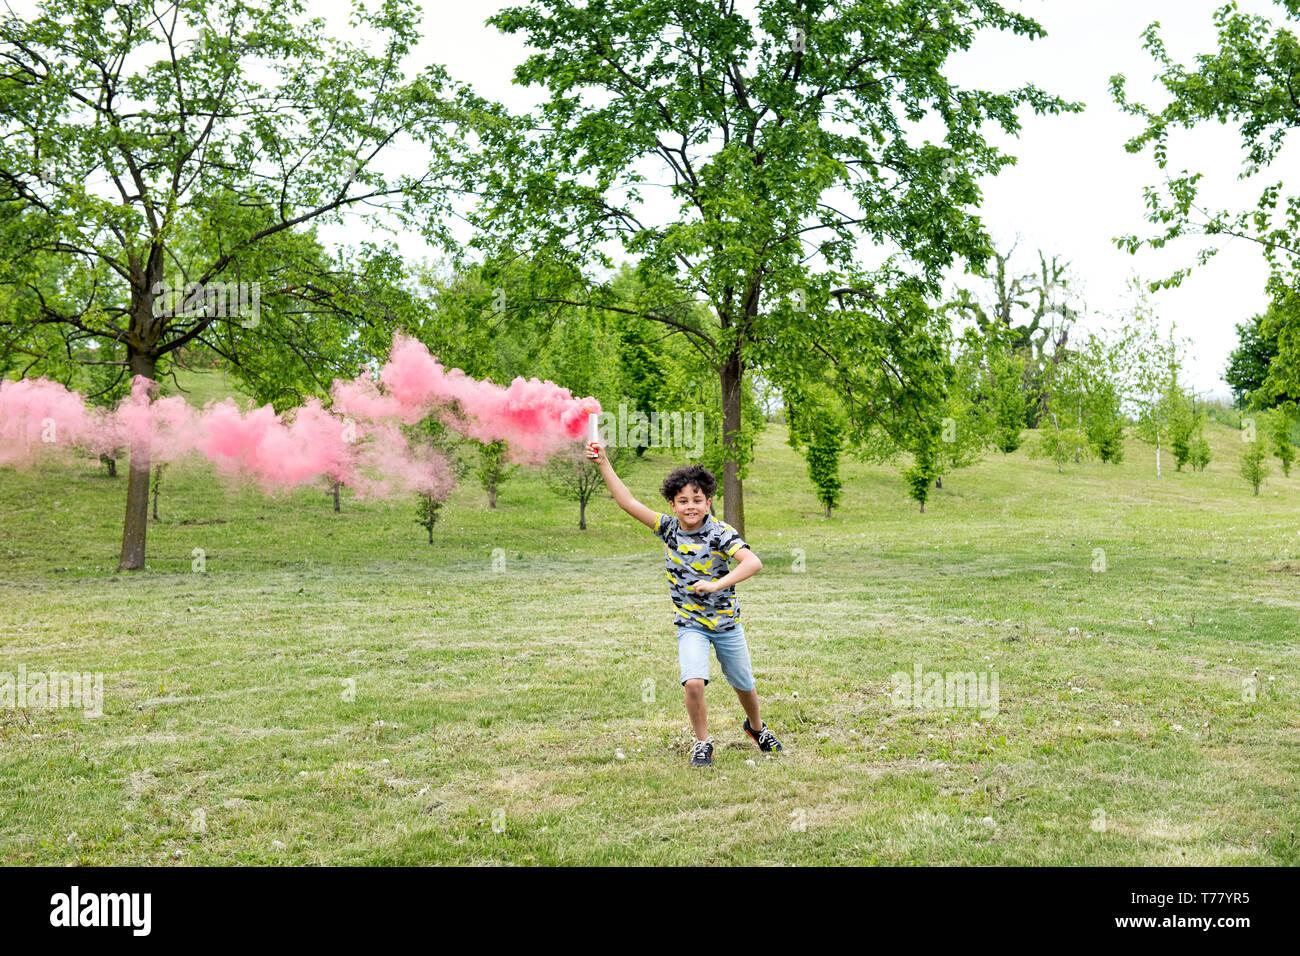 Jeune garçon qui traverse un parc au début du printemps une fuite de fumée rose flare derrière lui Banque D'Images